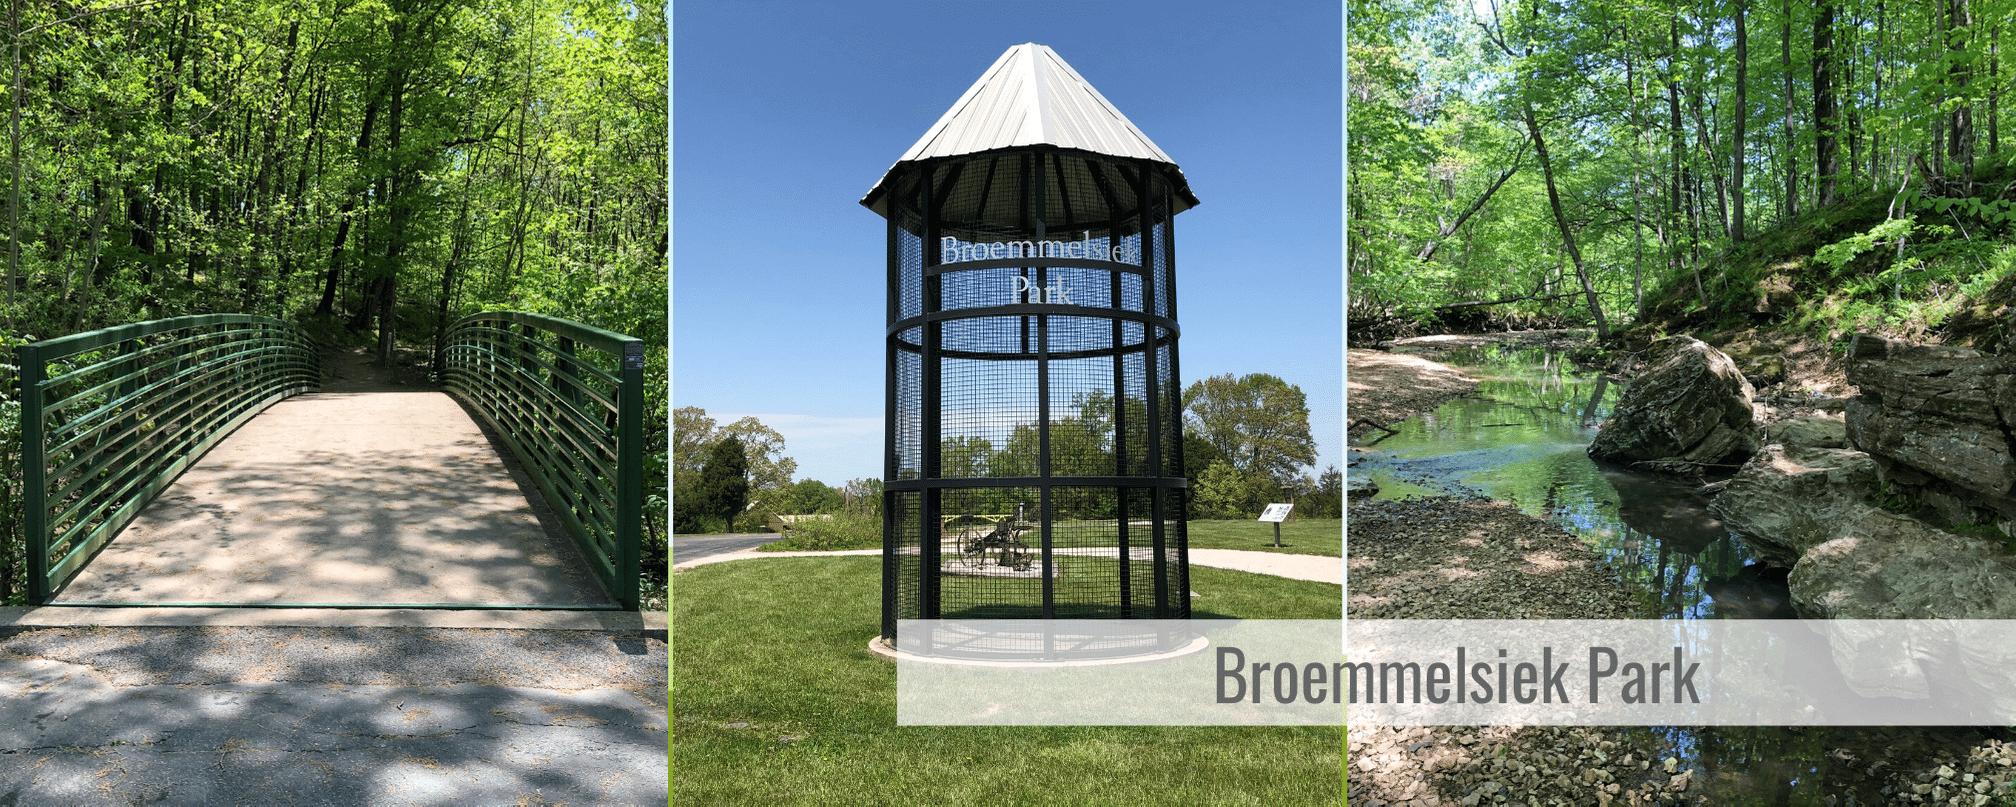 Broemmelsiek Park Defiance